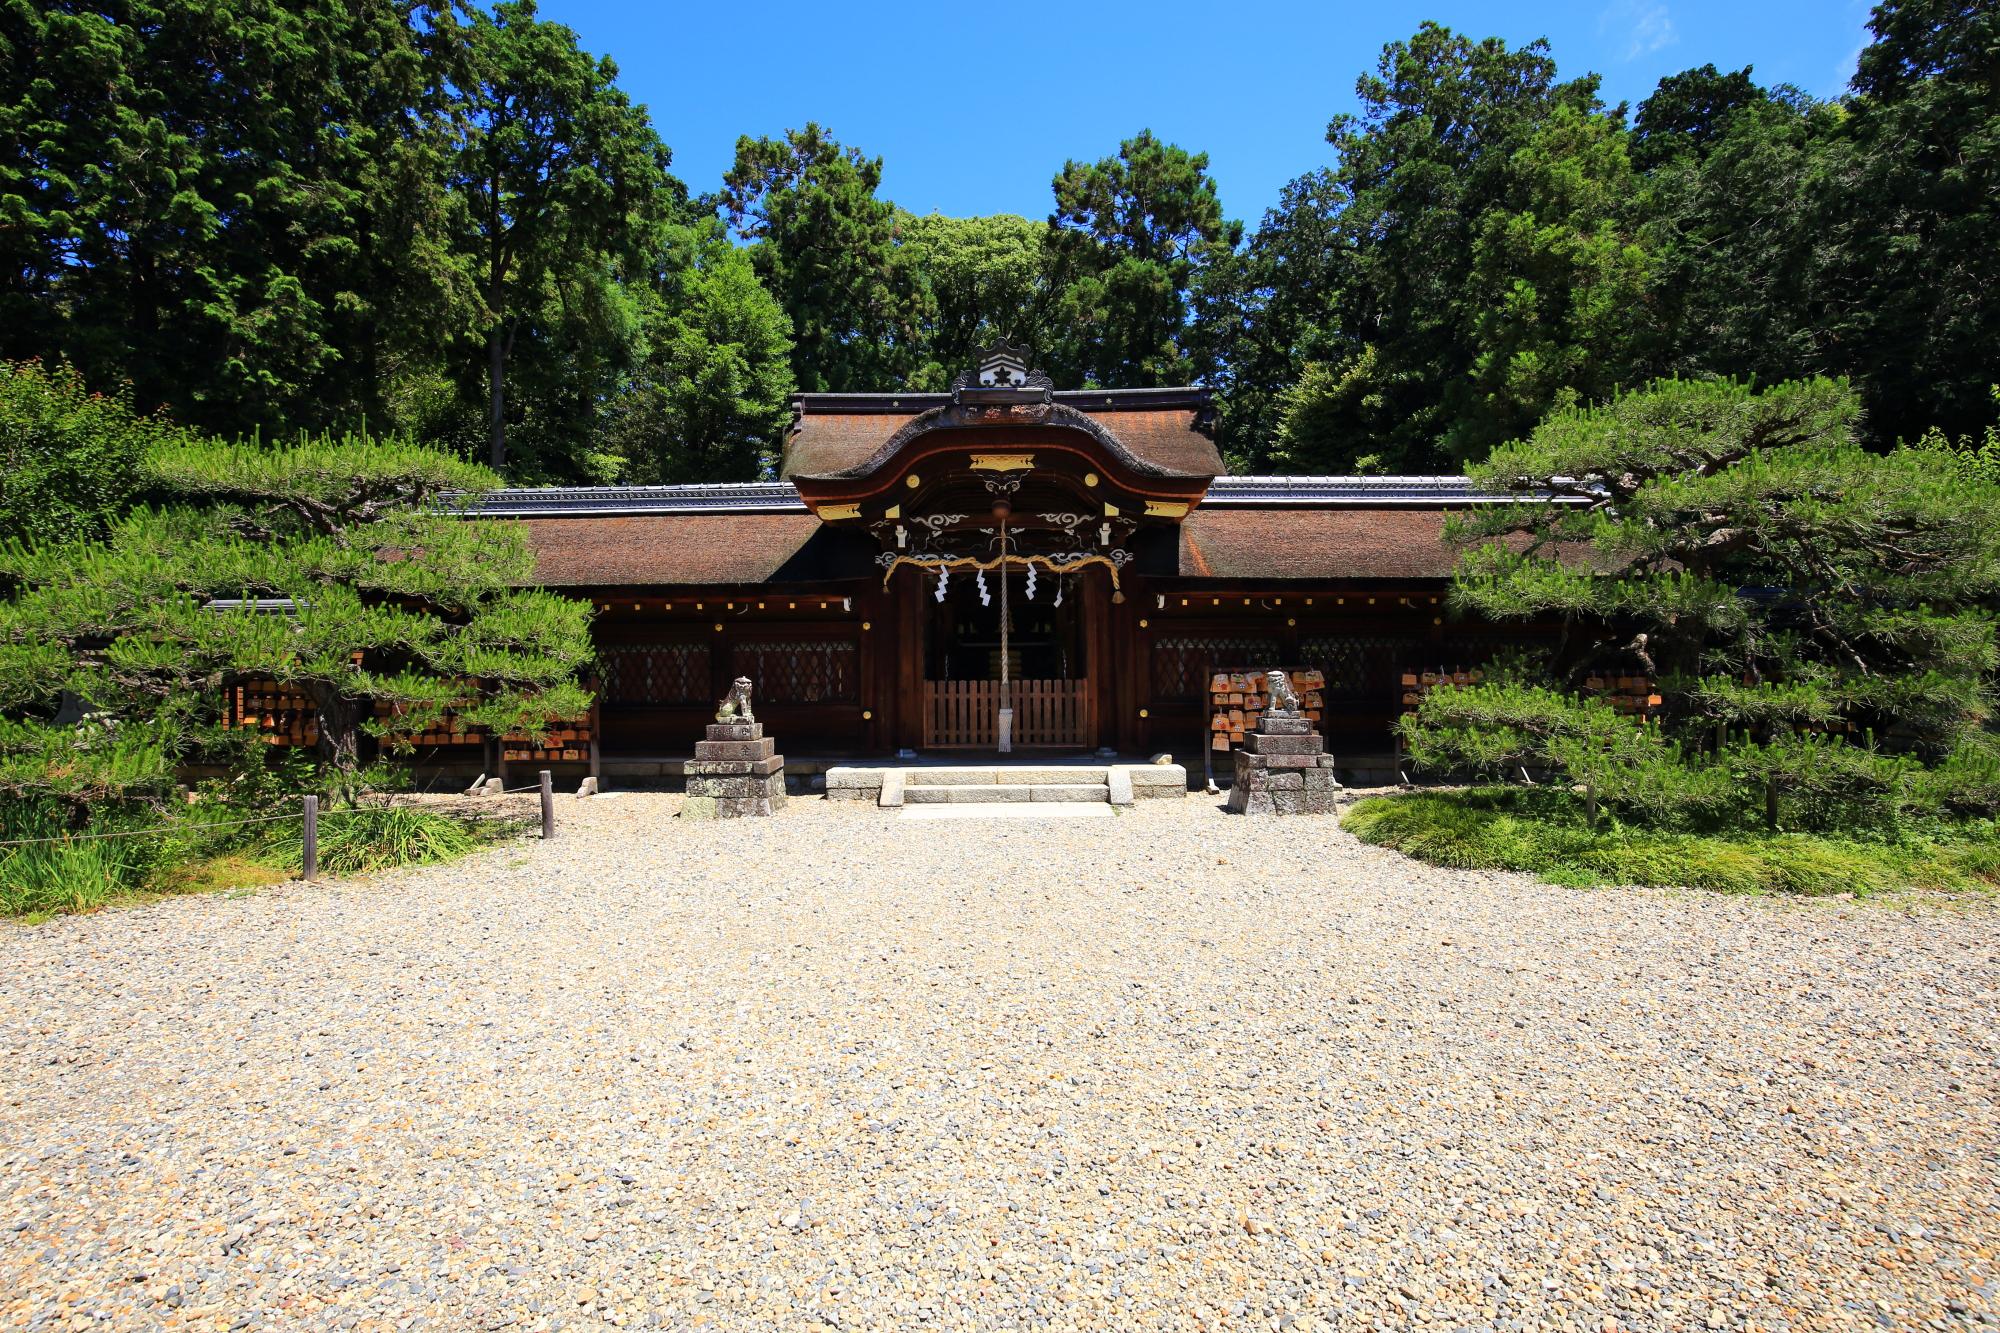 両脇には松が植えらており前は砂庭のようになっている梅宮大社の本殿